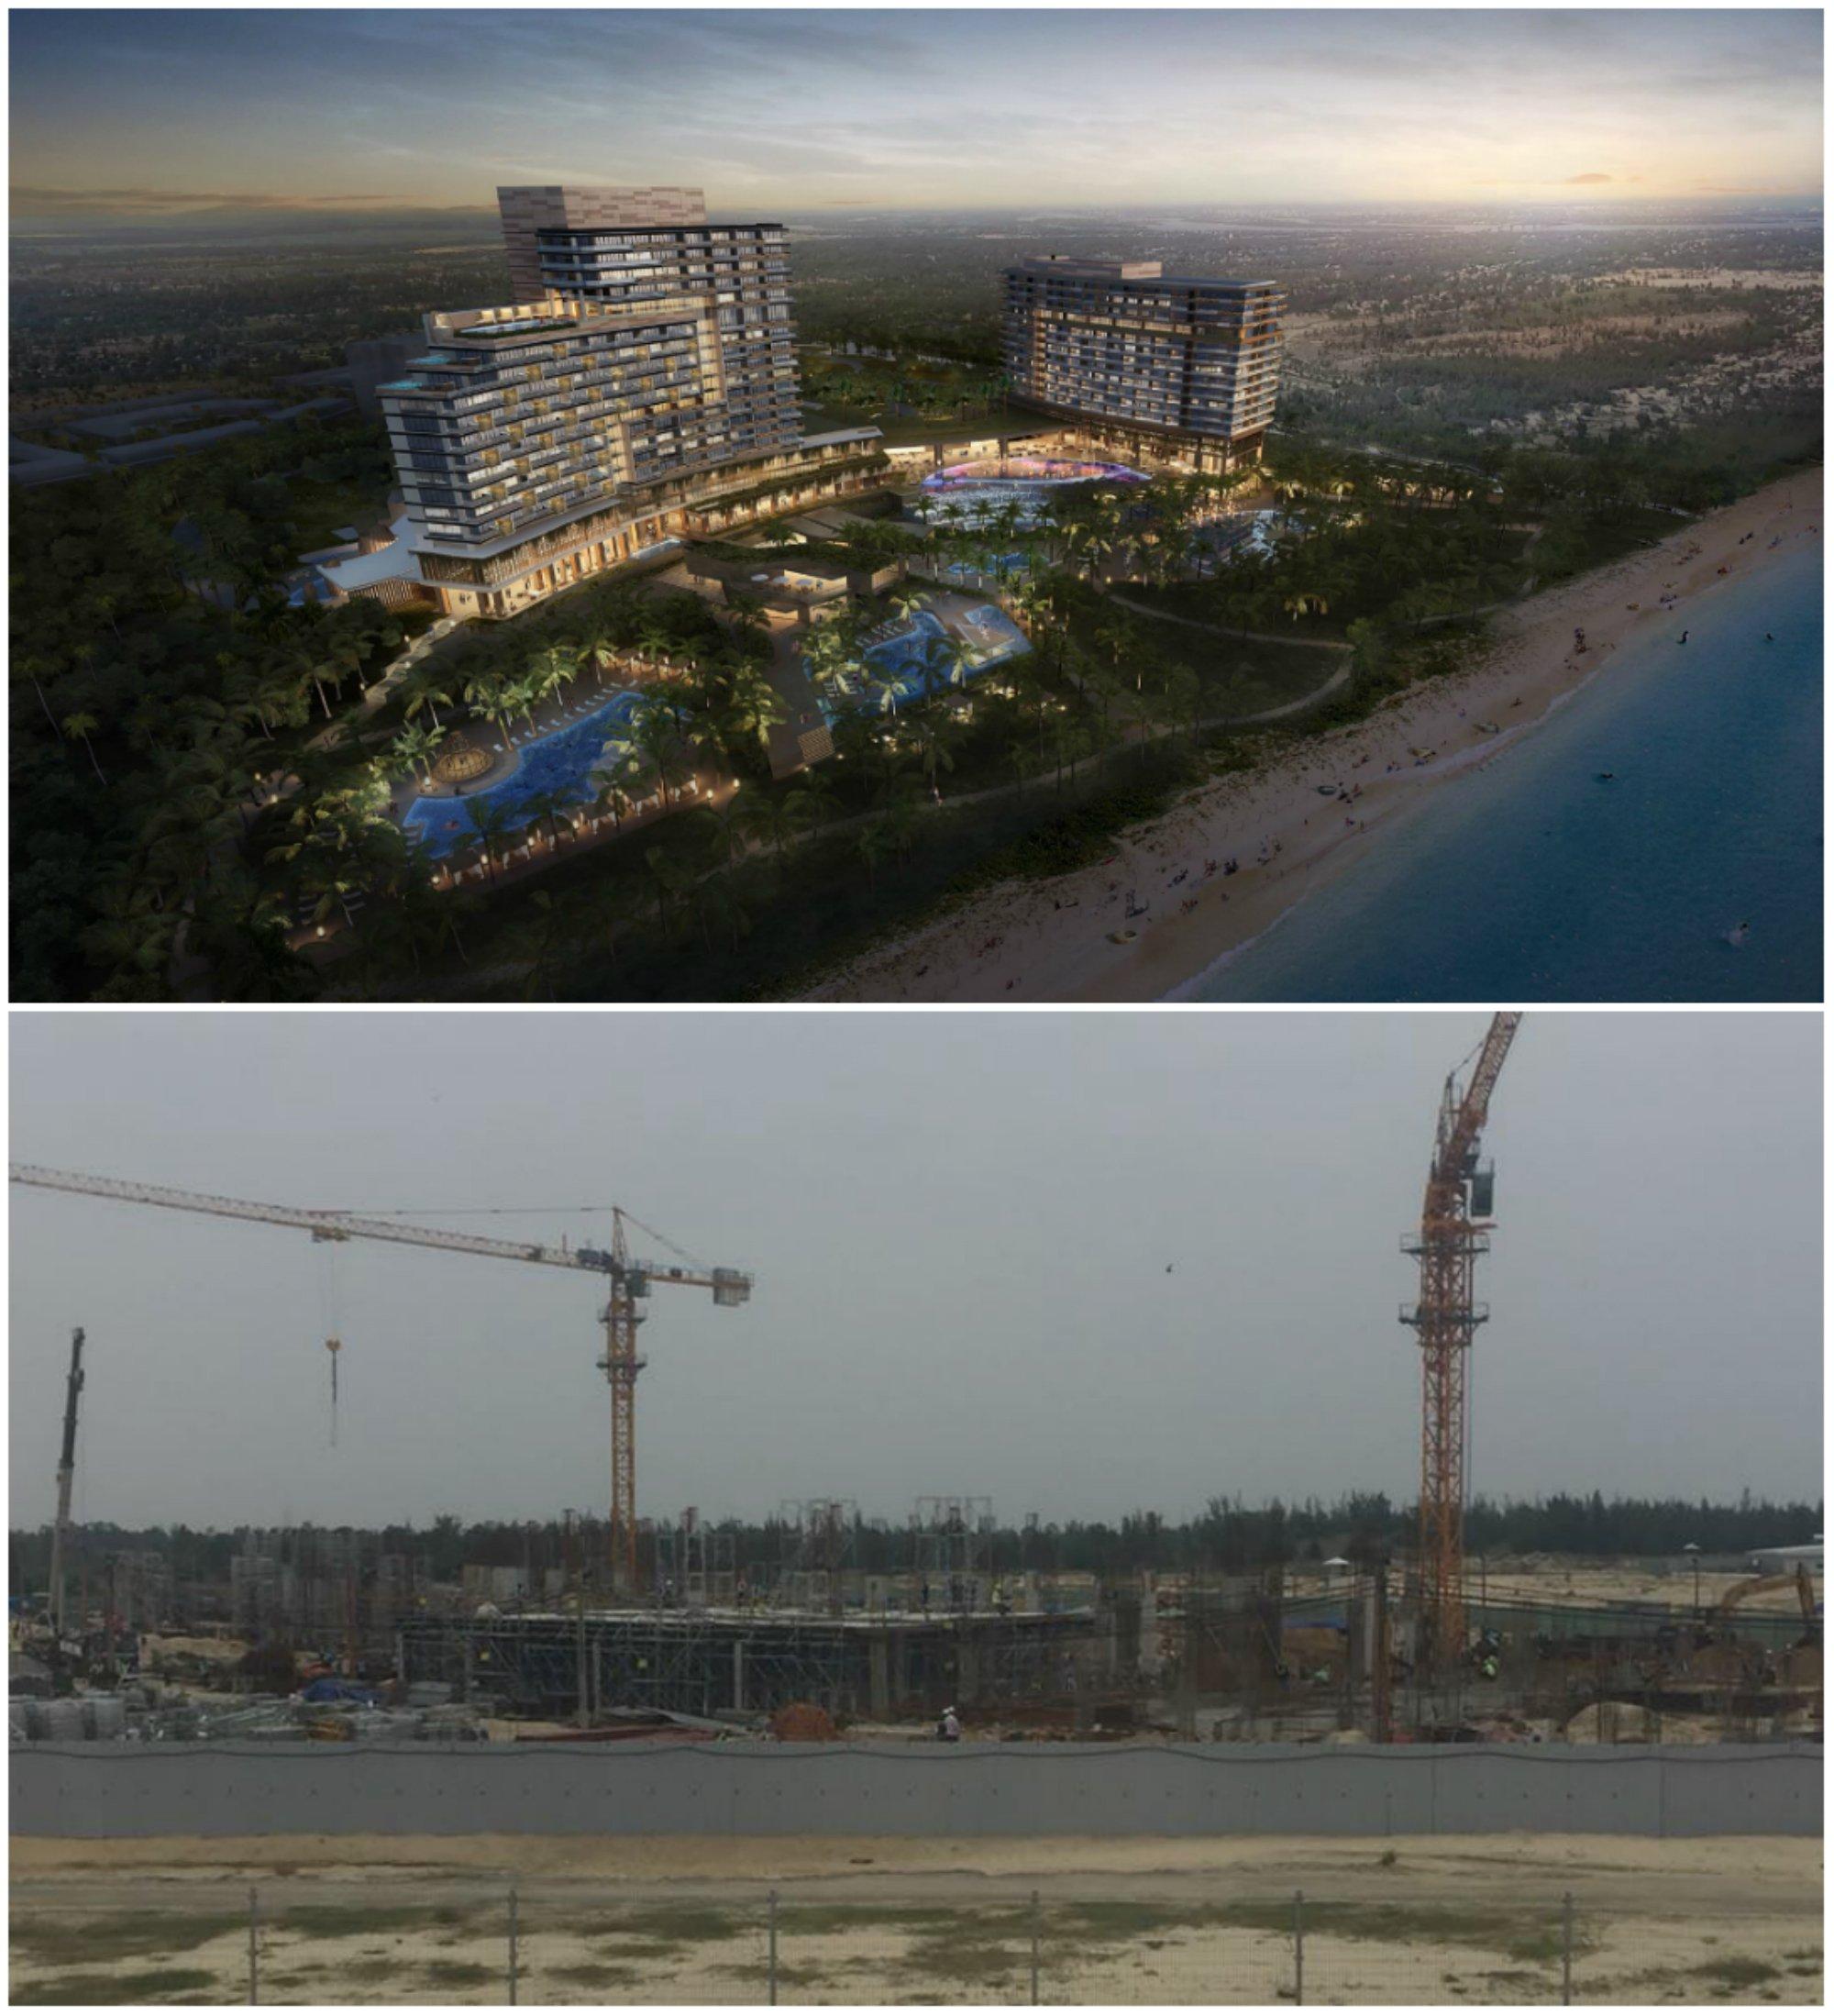 Suncity Group Vietnam casino resort